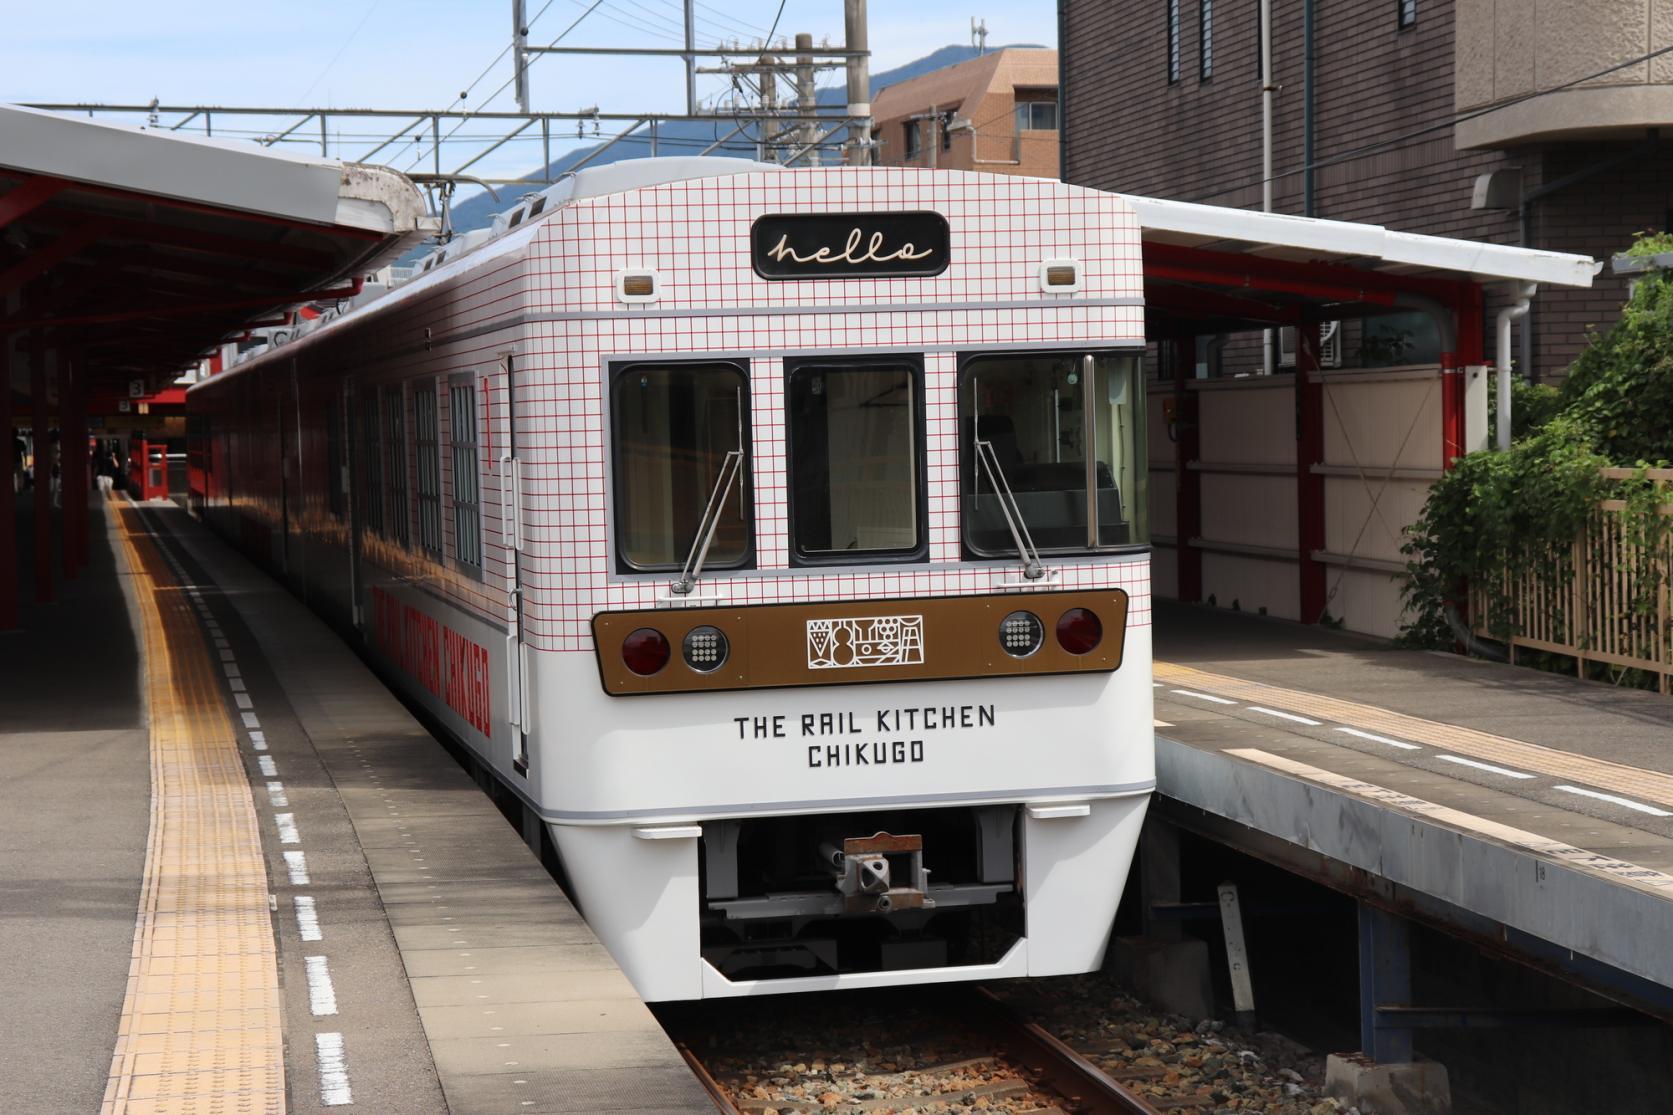 【Day 3】THE RAIL KITCHEN CHIKUGO-1